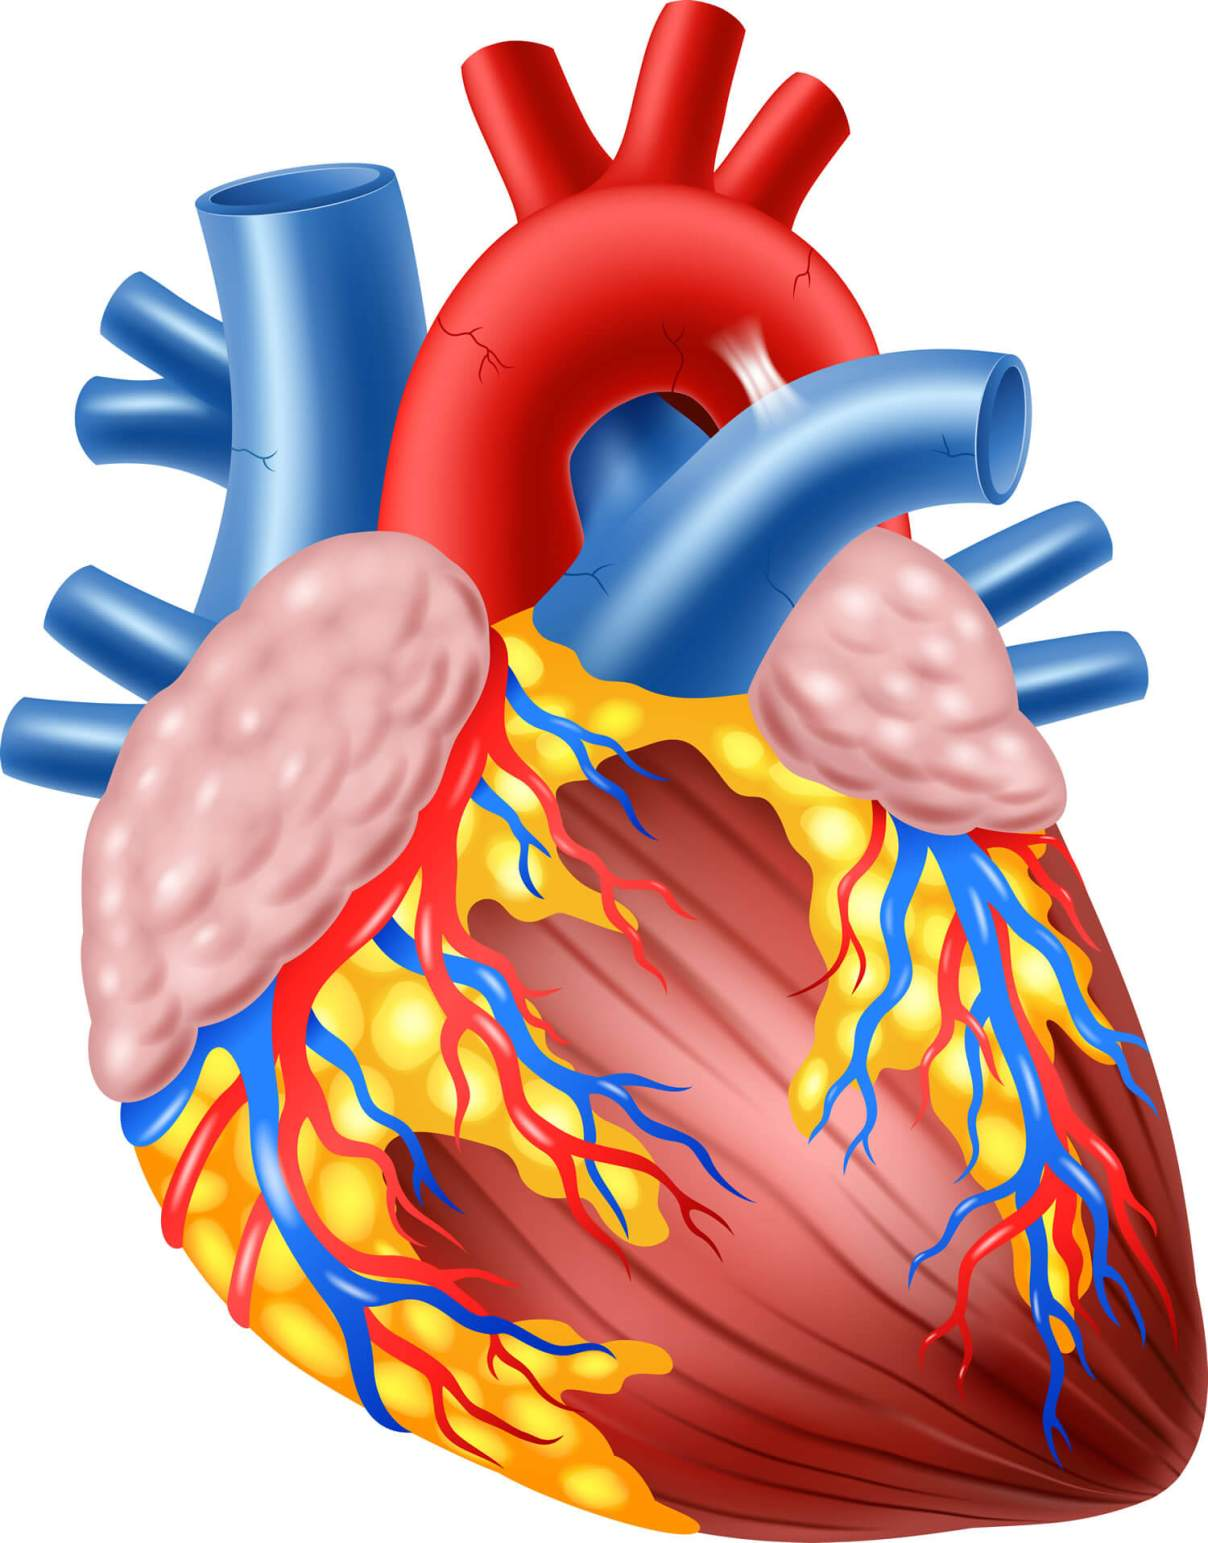 ▷ El Corazón Humano Anatomía, Función | ⊛ 【 Educándose En Línea 】